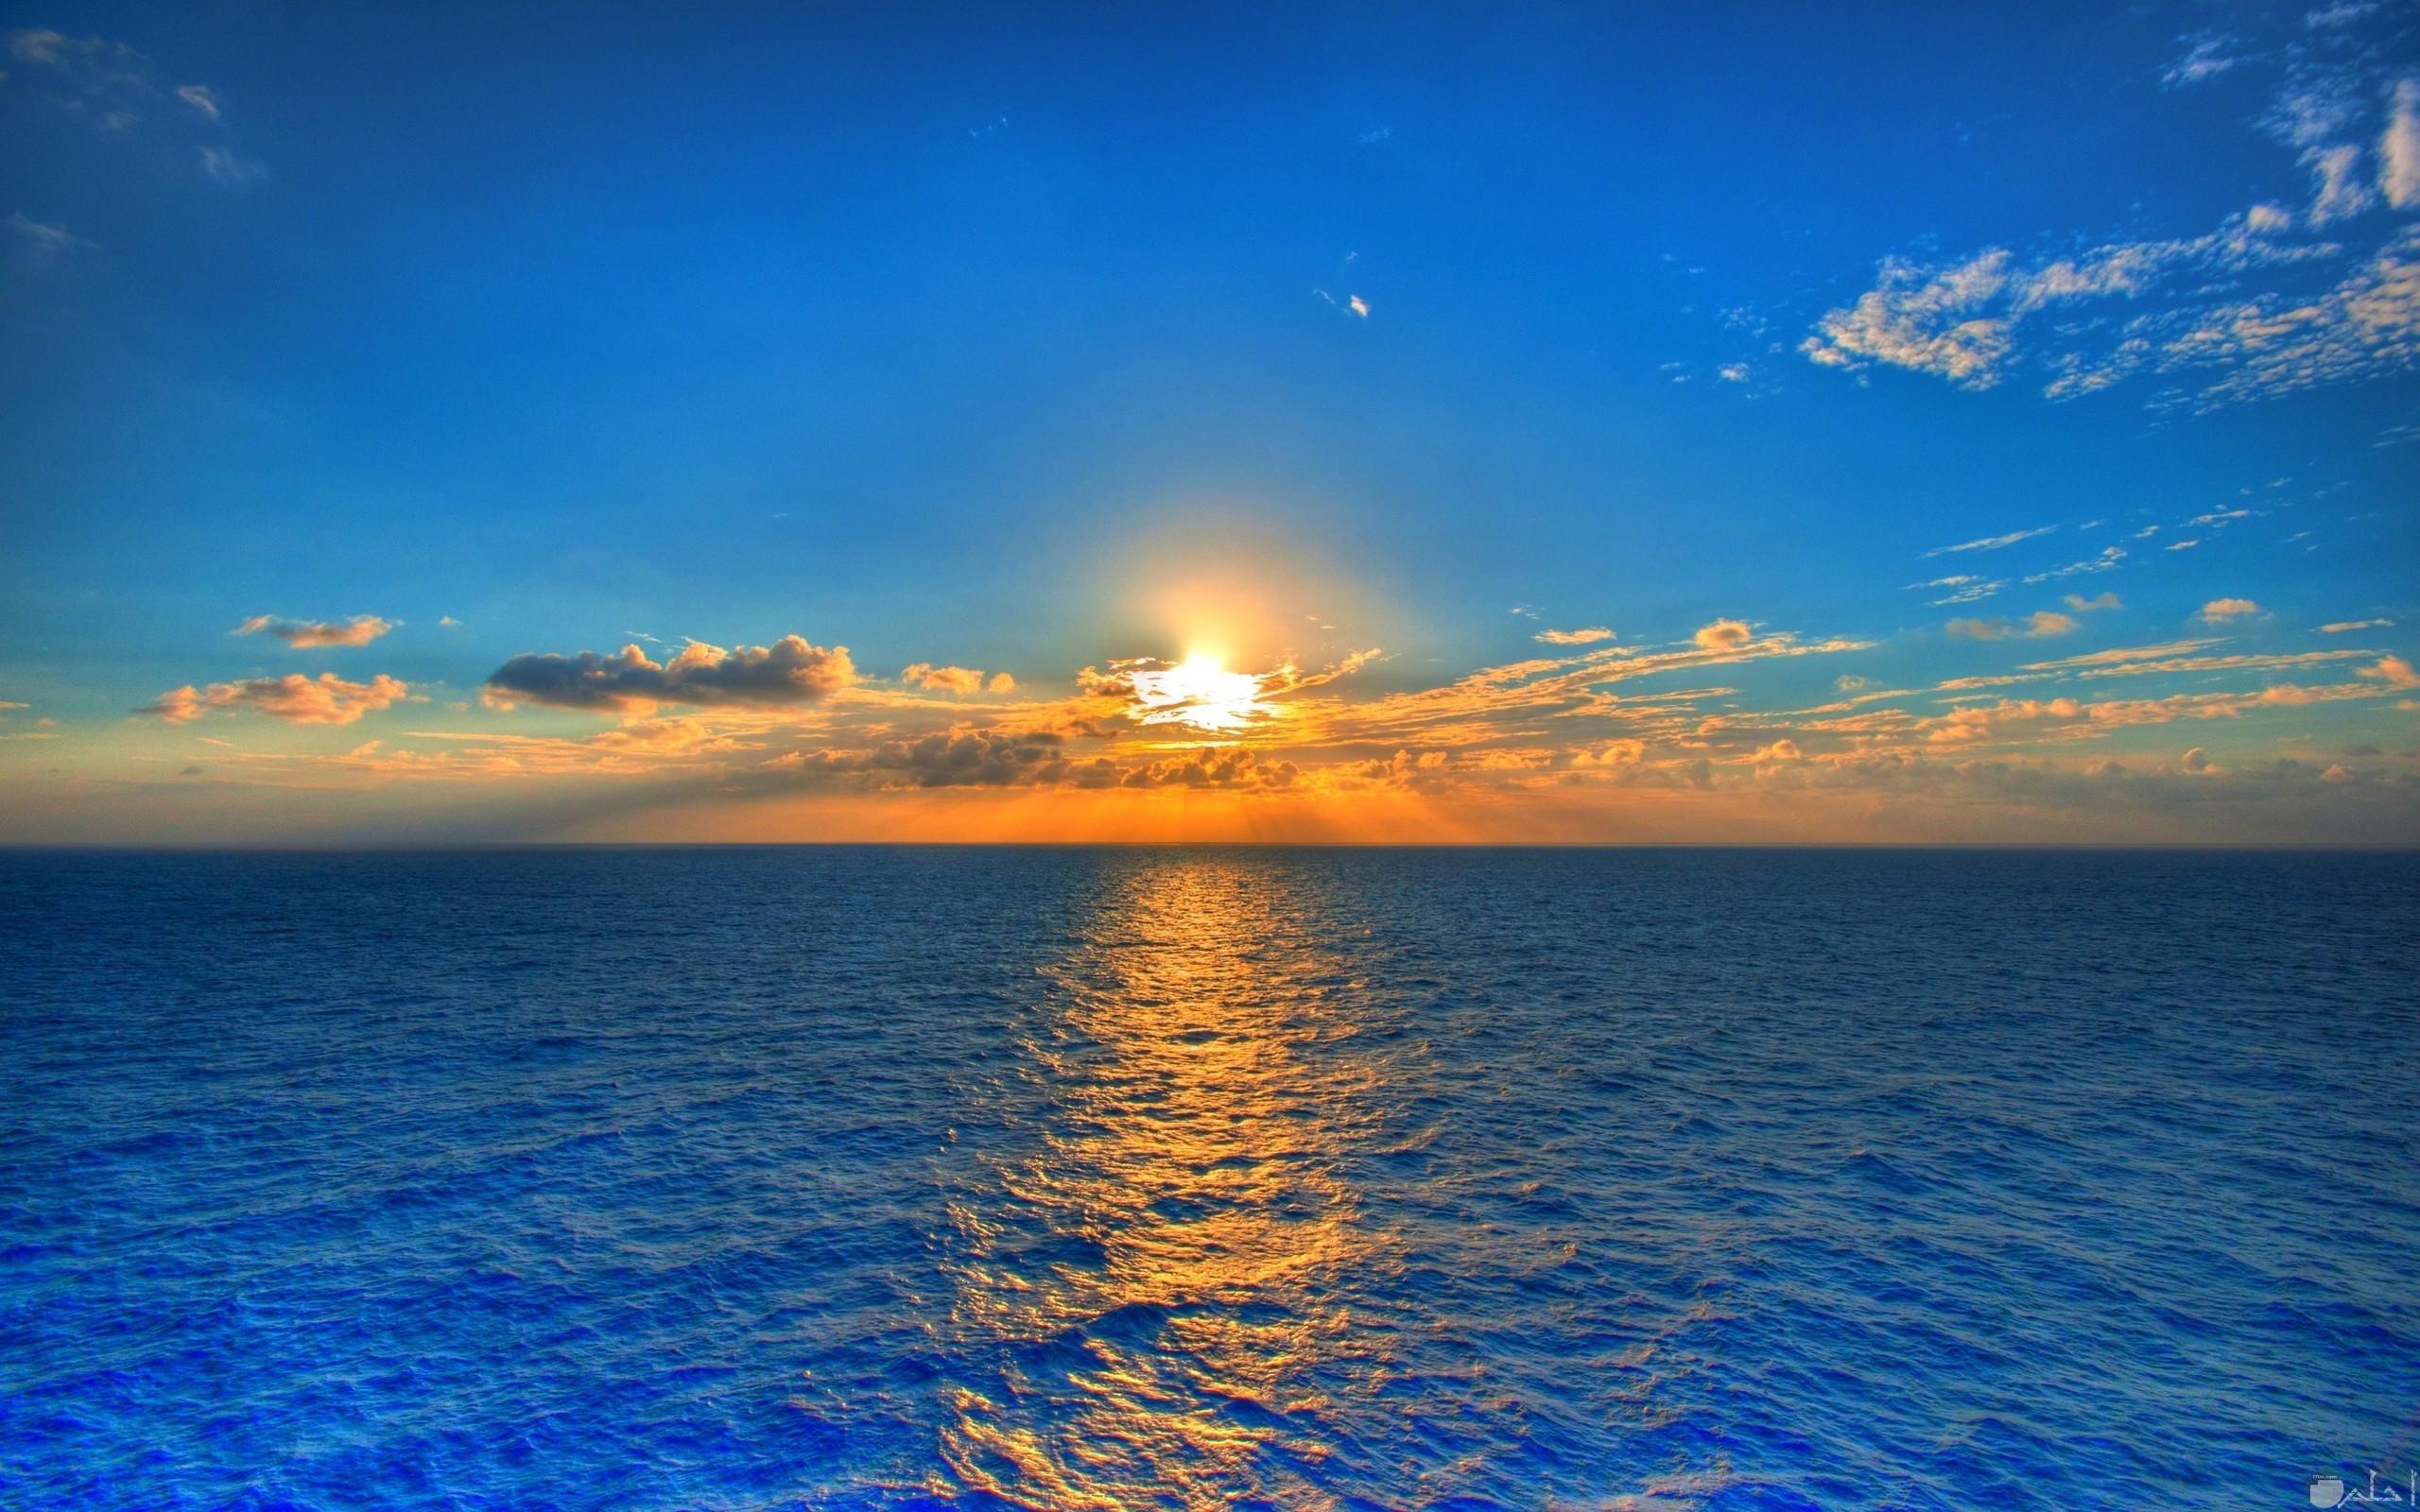 بزوغ الشمس على سطح البحر.